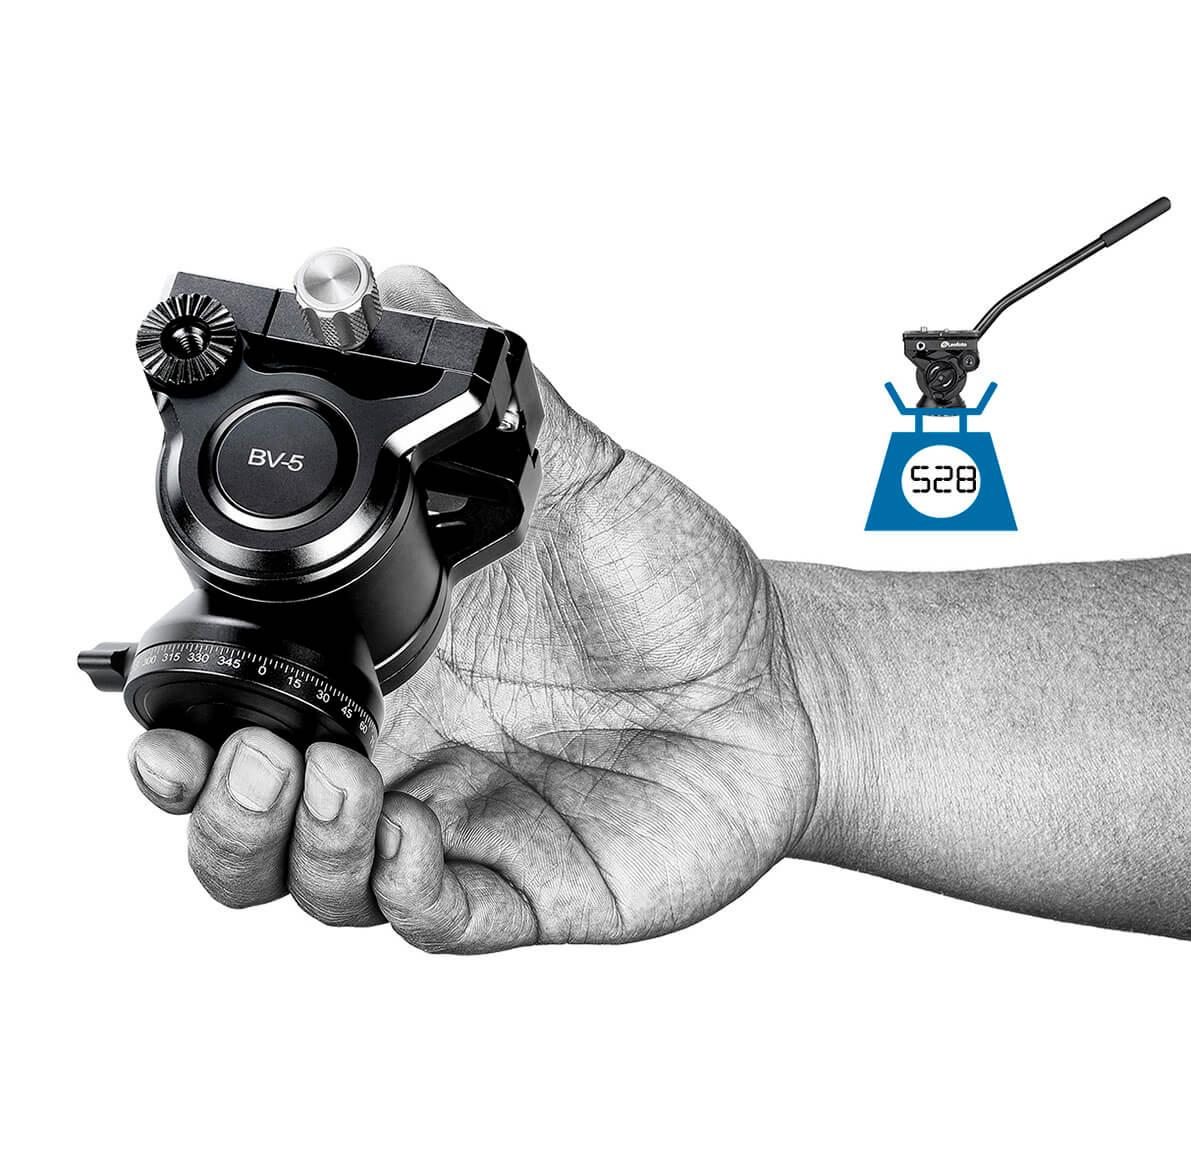 Cabeza Leofoto BV-5 fluida de pequeño tamaño para video y fotografía